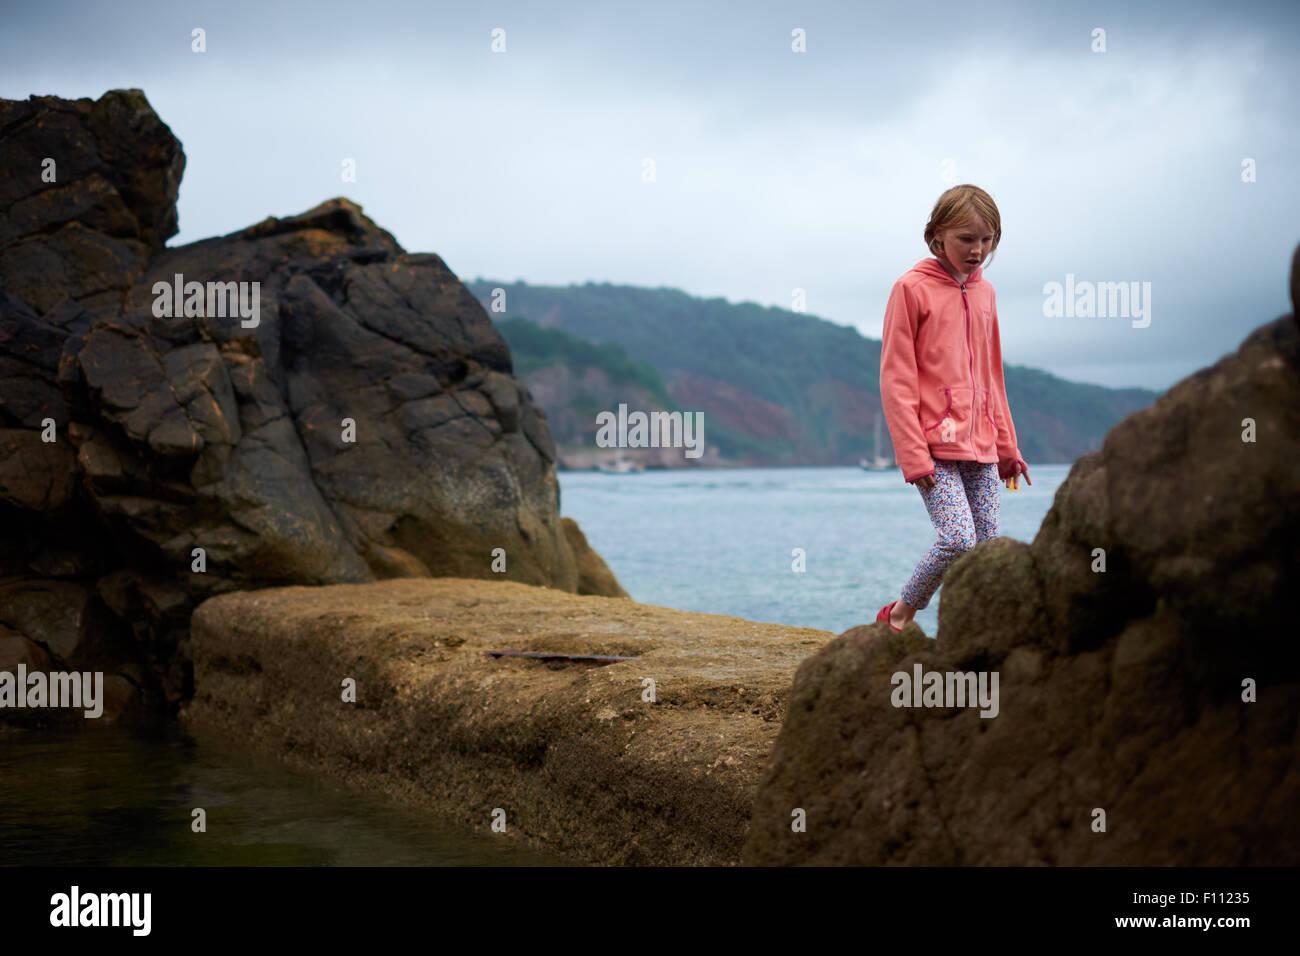 Aventurera niña jugando por el mar en las rocas. Imagen De Stock